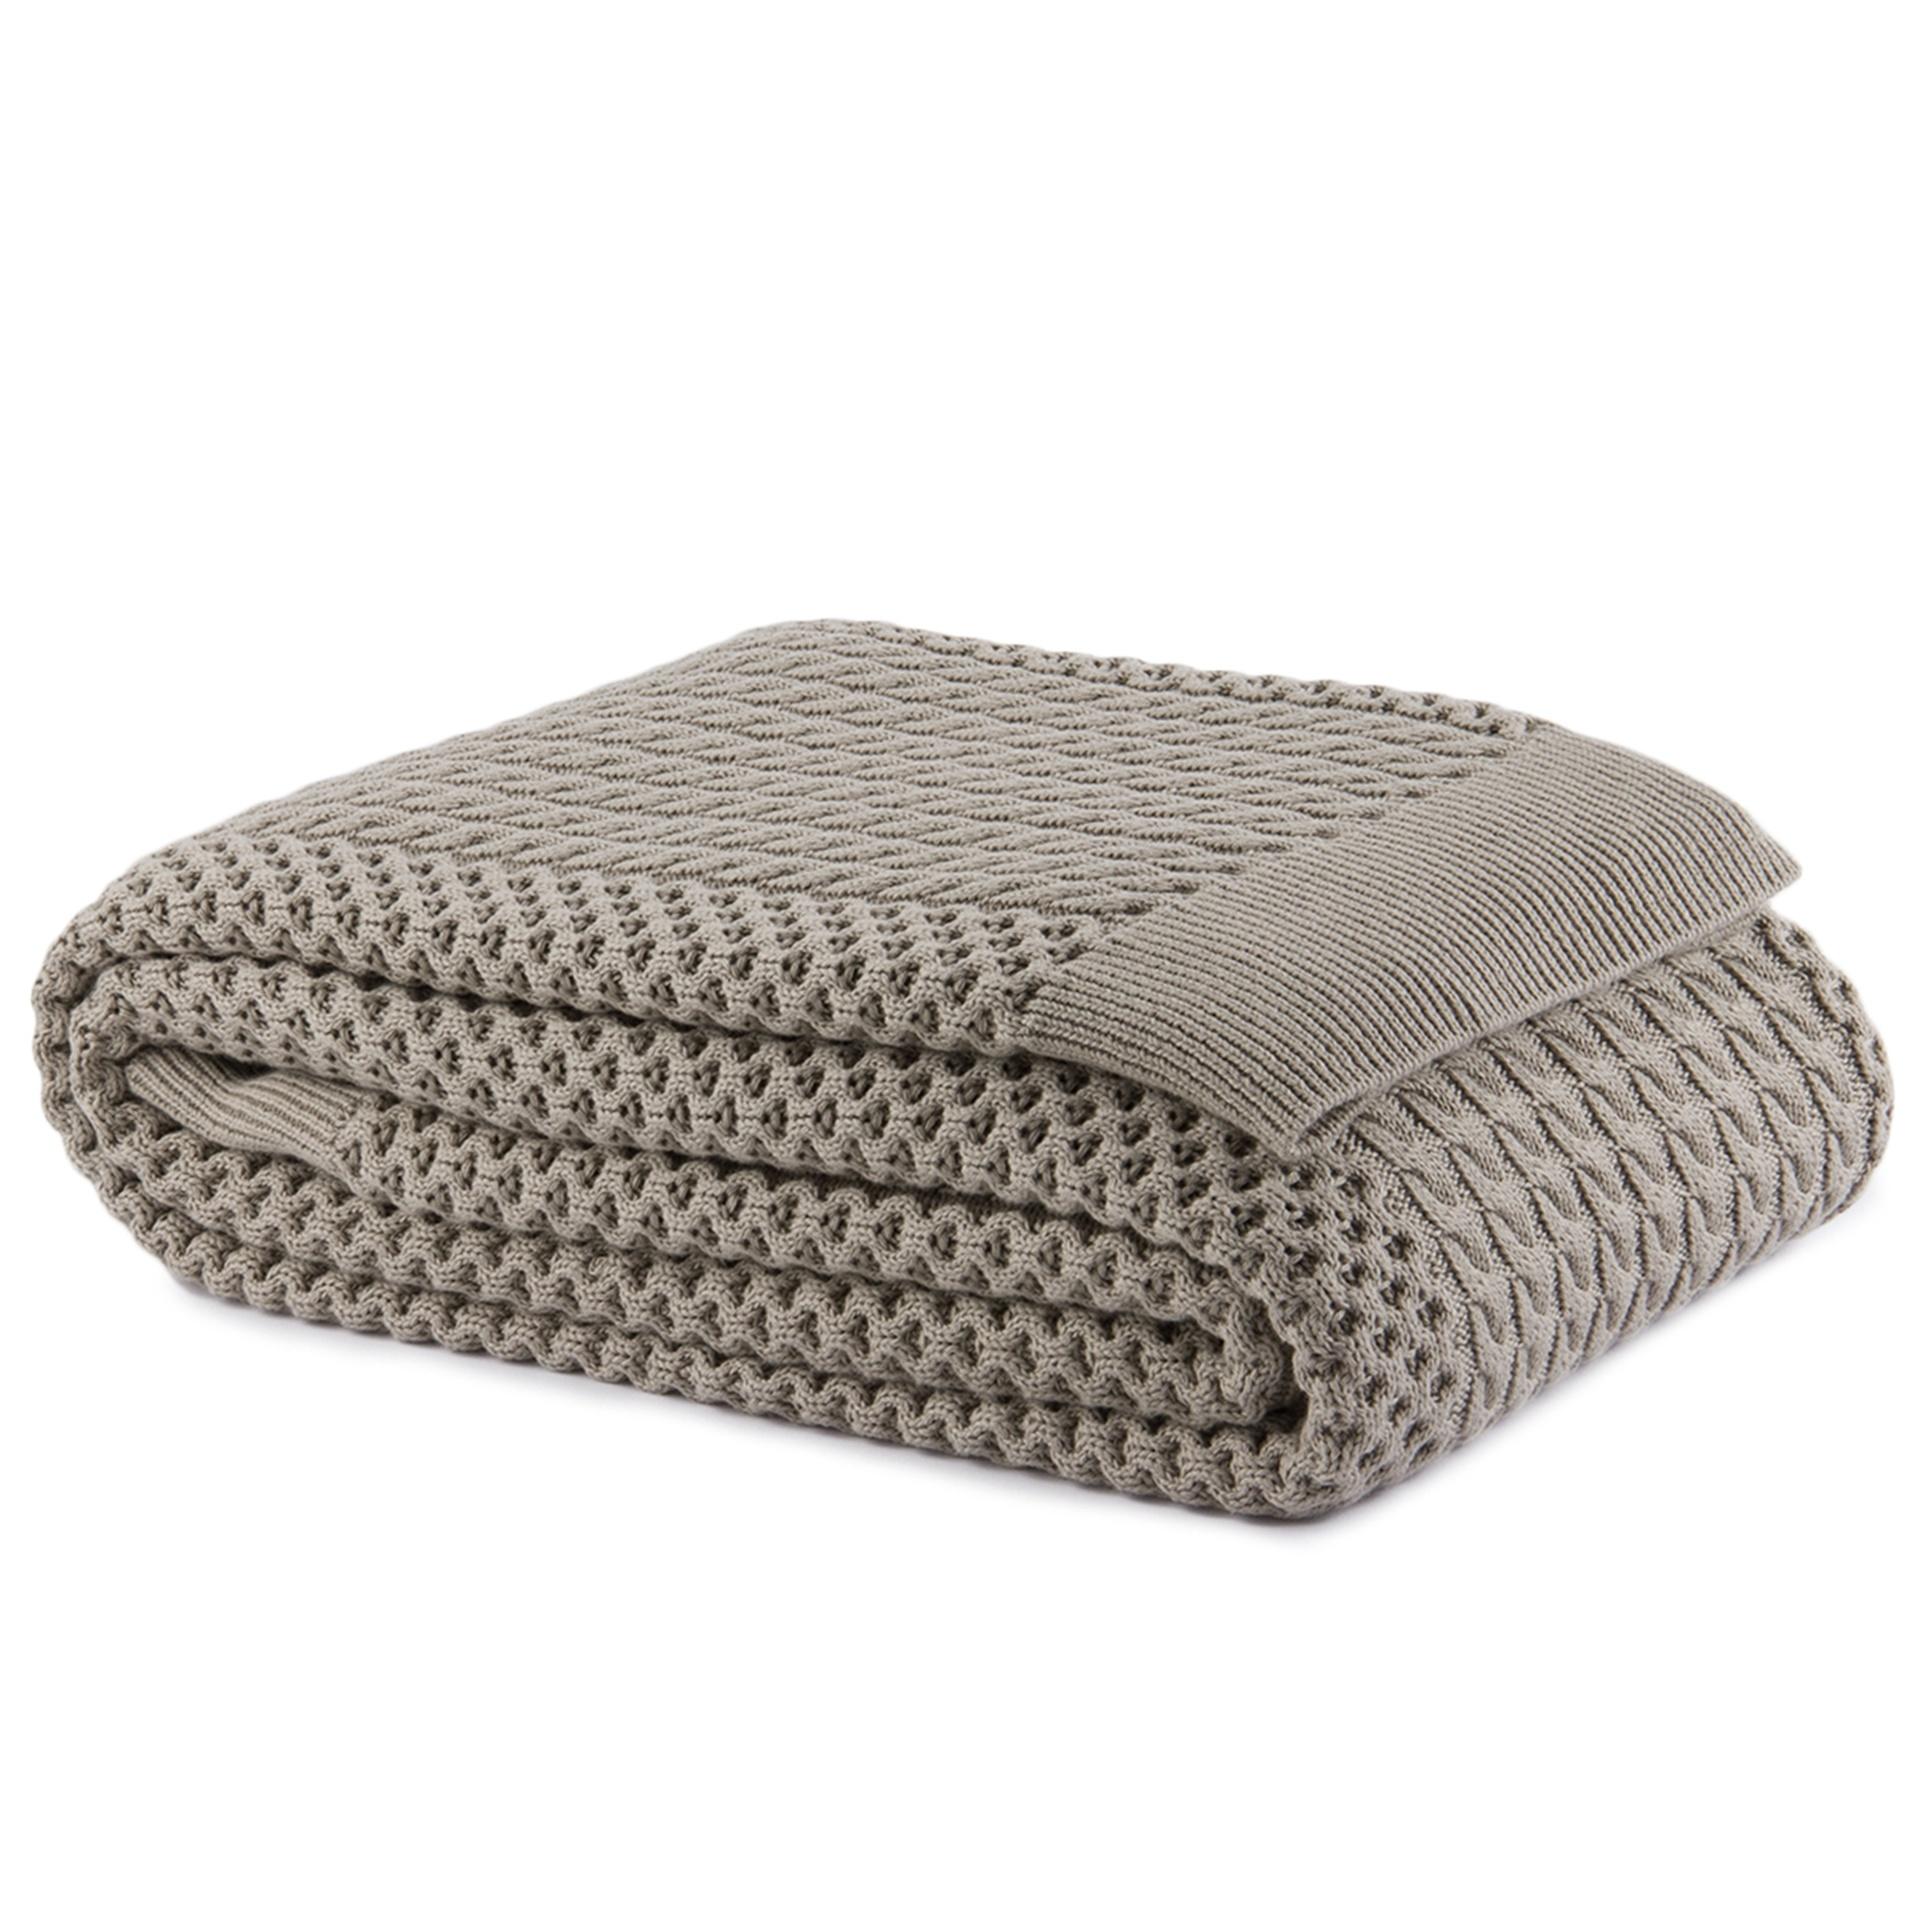 A manta Miraflores (150 cm por 220 cm) é fabricada em algodão e pode ser comprada na Trousseau - unidade Alameda Gabriel Monteiro da Silva (11 3068-9946) I Outras informações podem ser obtidas com o fornecedor